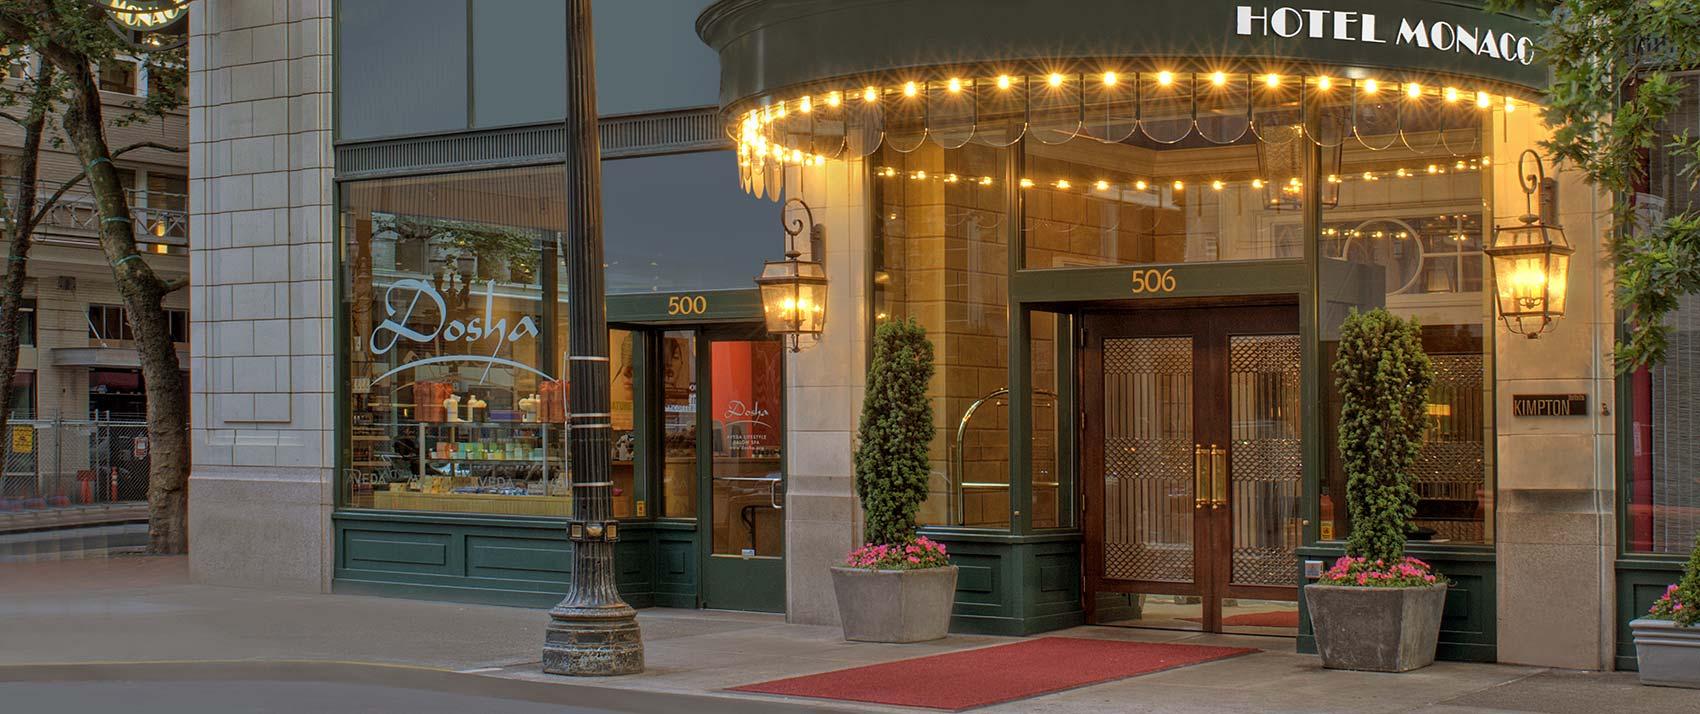 Entrance Hotel Monaco Portland